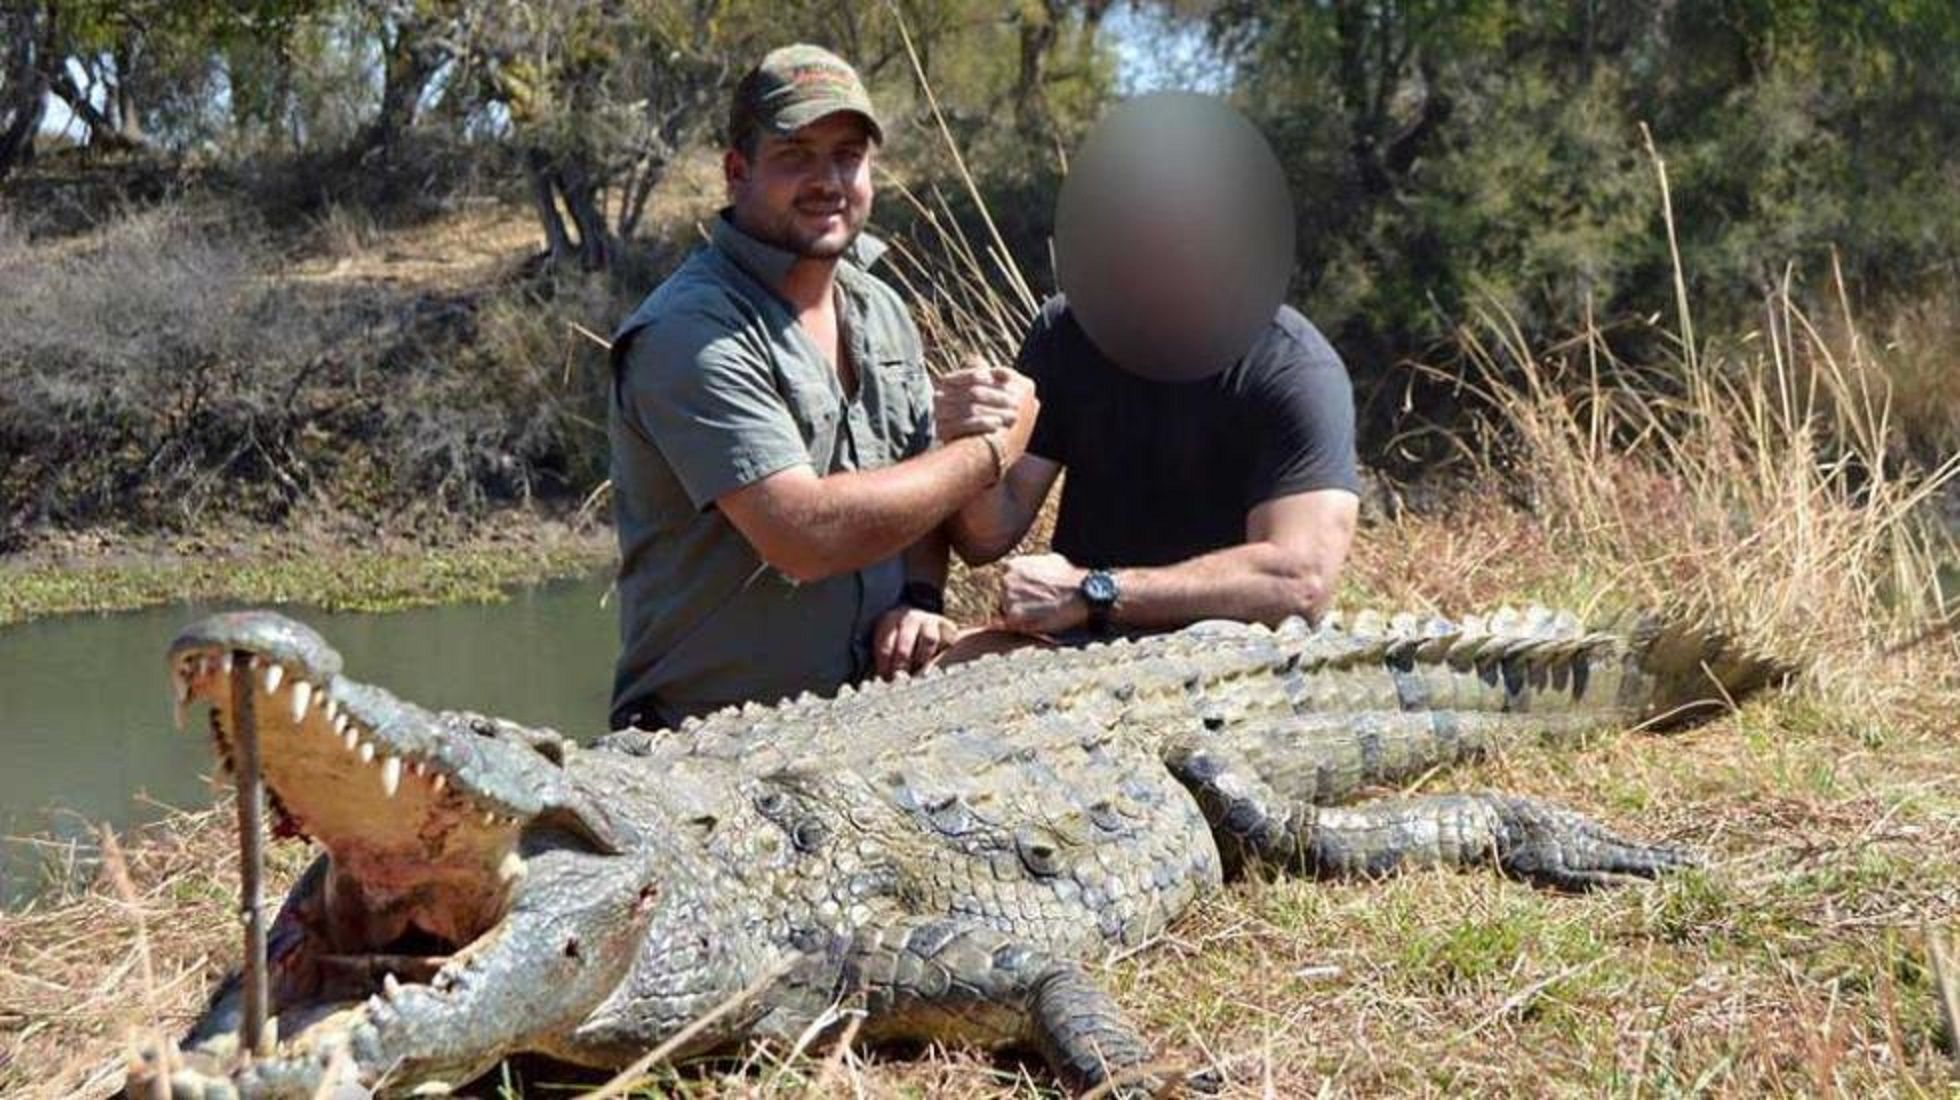 Un cazador sudafricano murió devorado por dos cocodrilos en Zimbabue